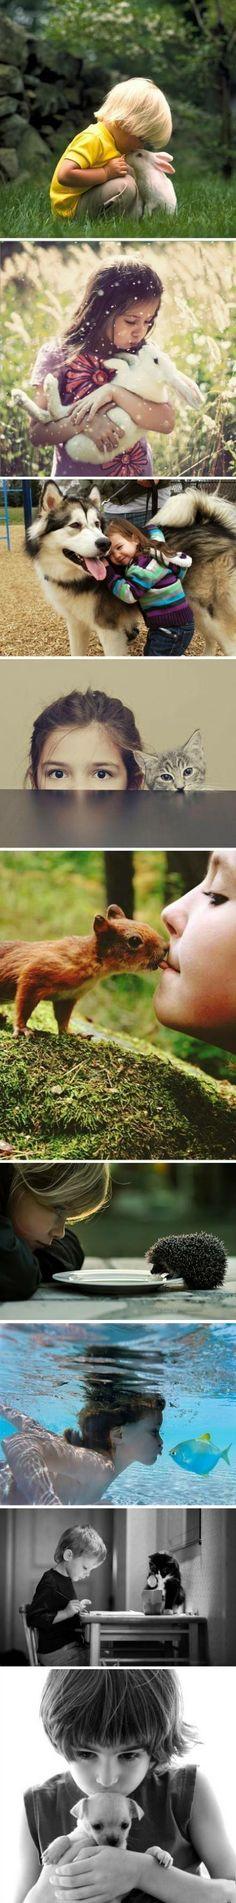 enfants & animaux, à chacun son meilleur ami ! #enfant #animaux